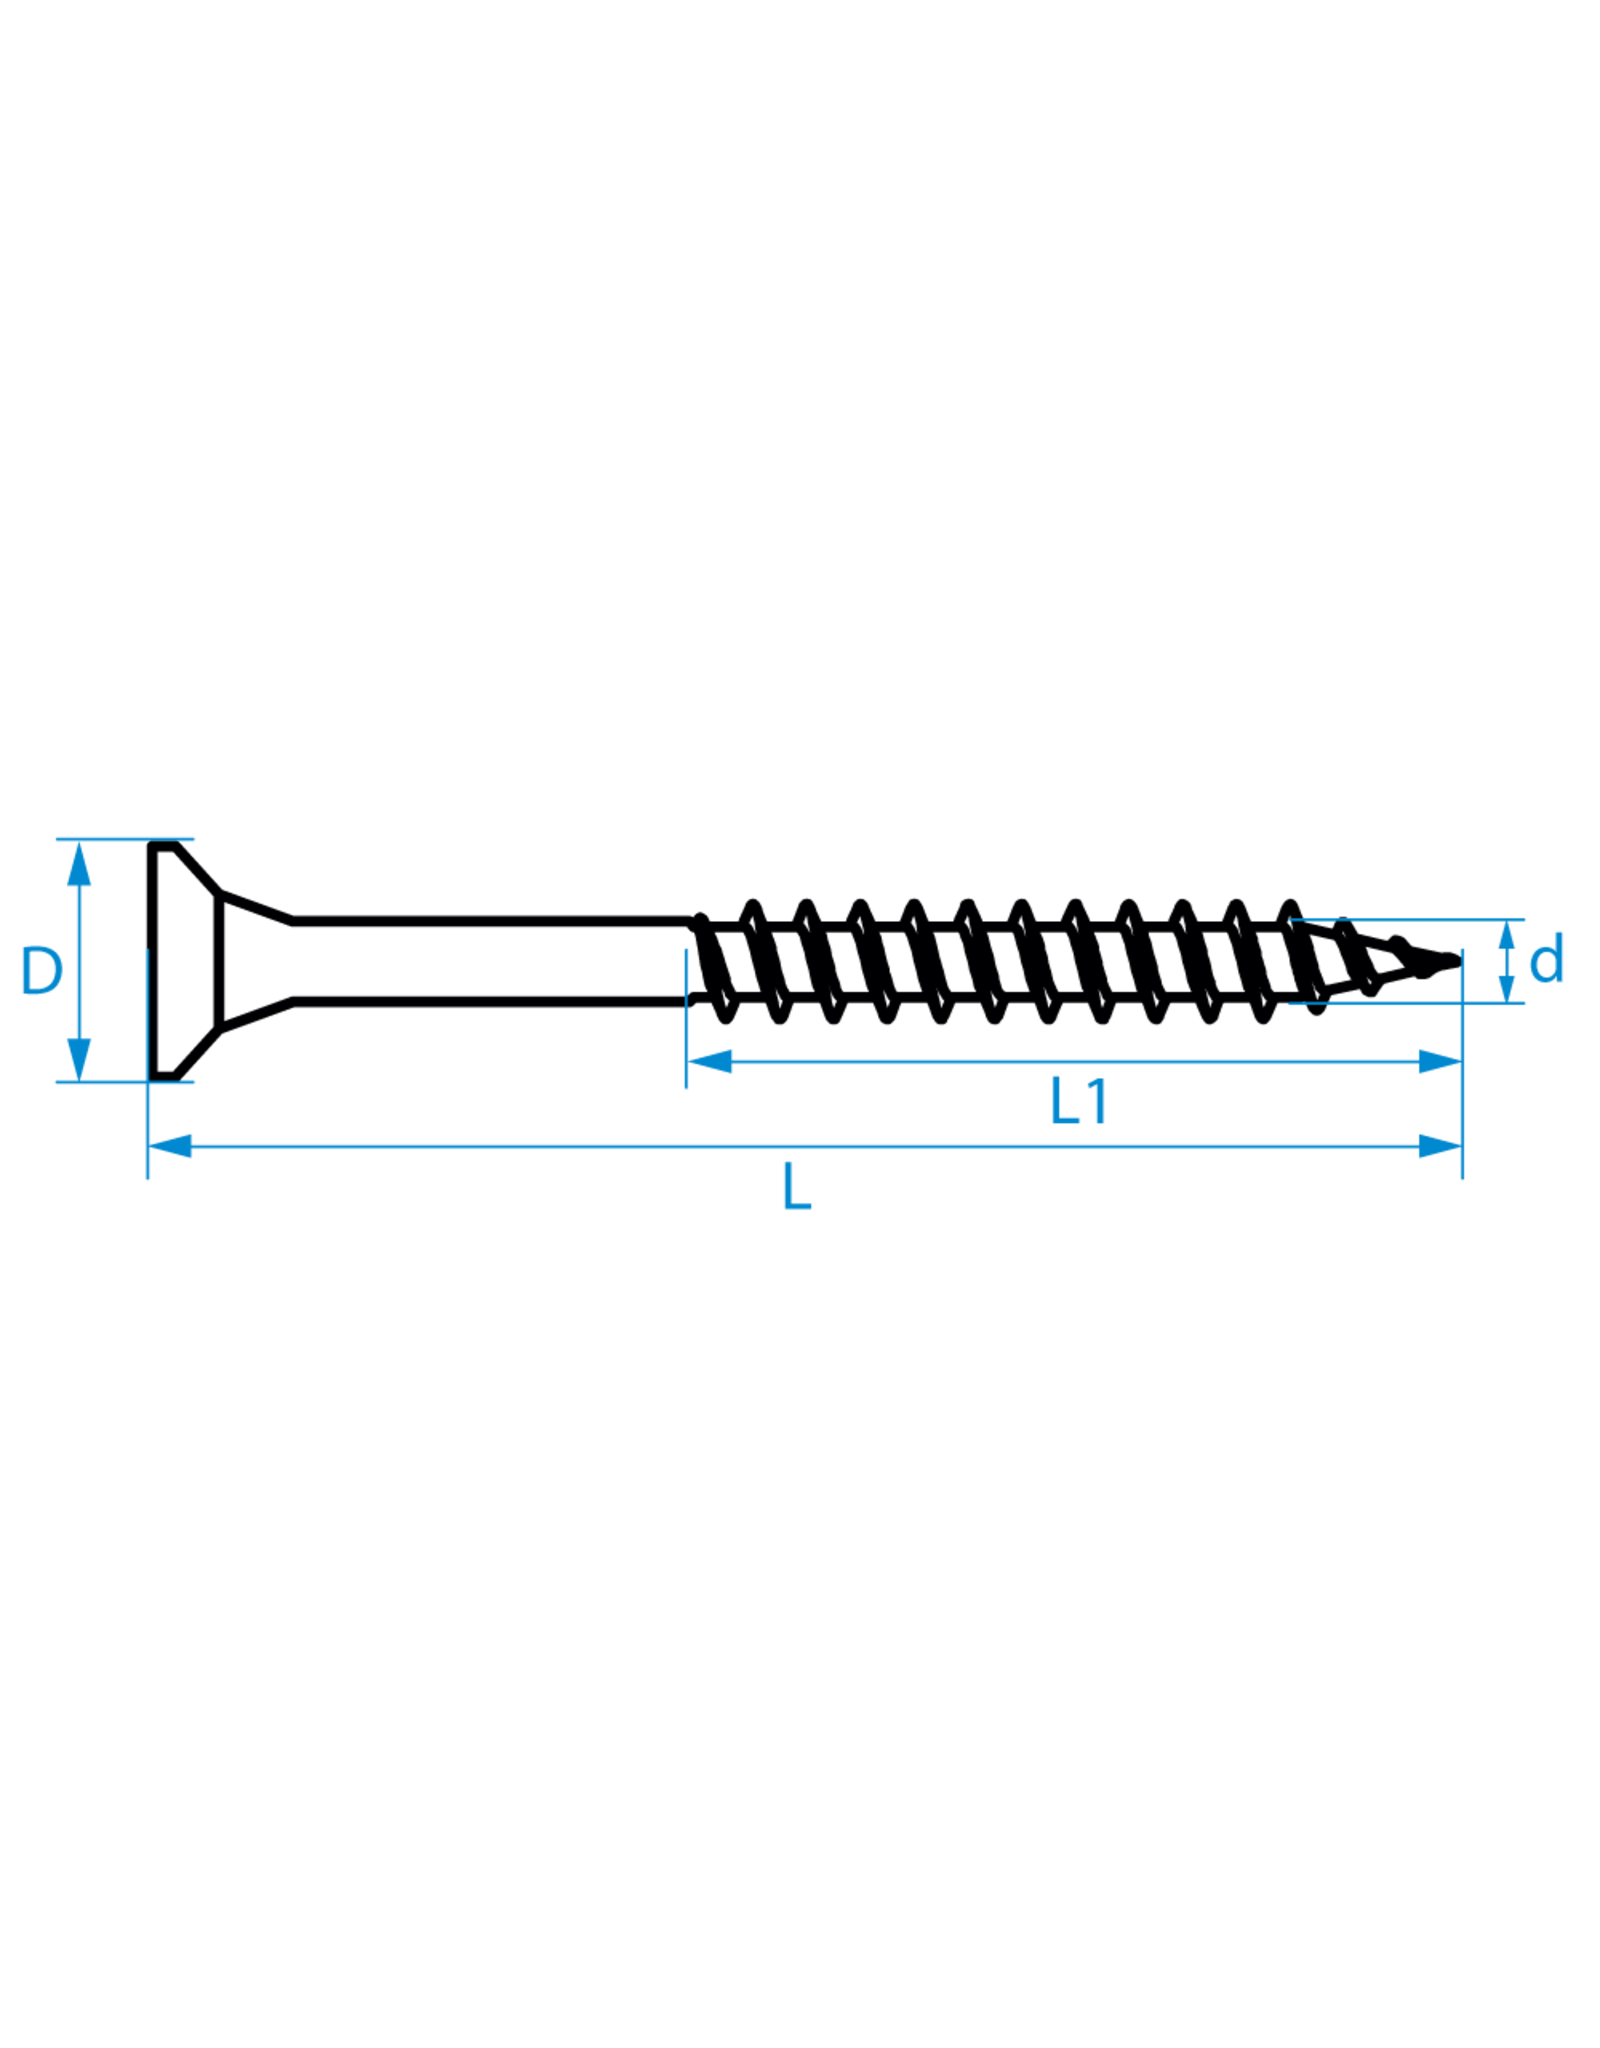 Spaanplaatschroeven platkop 3.5x16 TX-15 staal gehard verzinkt per 200 stuks